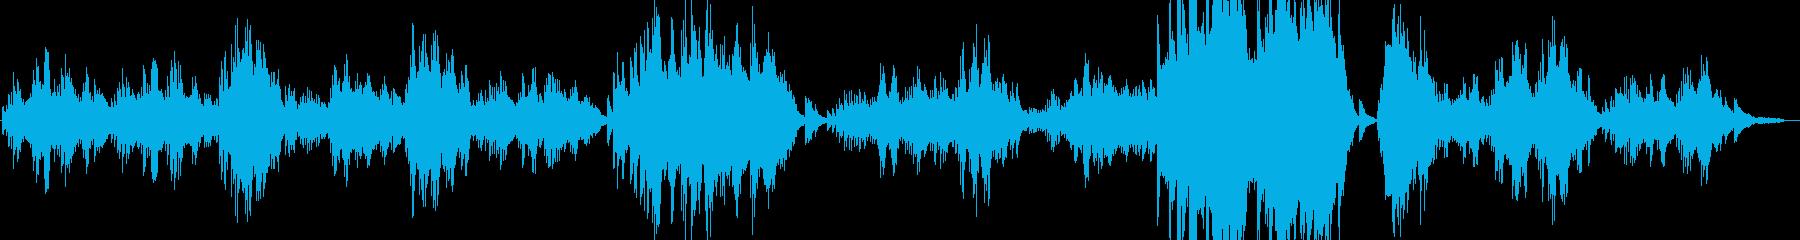 【ピアノソロ演奏】エリーゼのためにの再生済みの波形